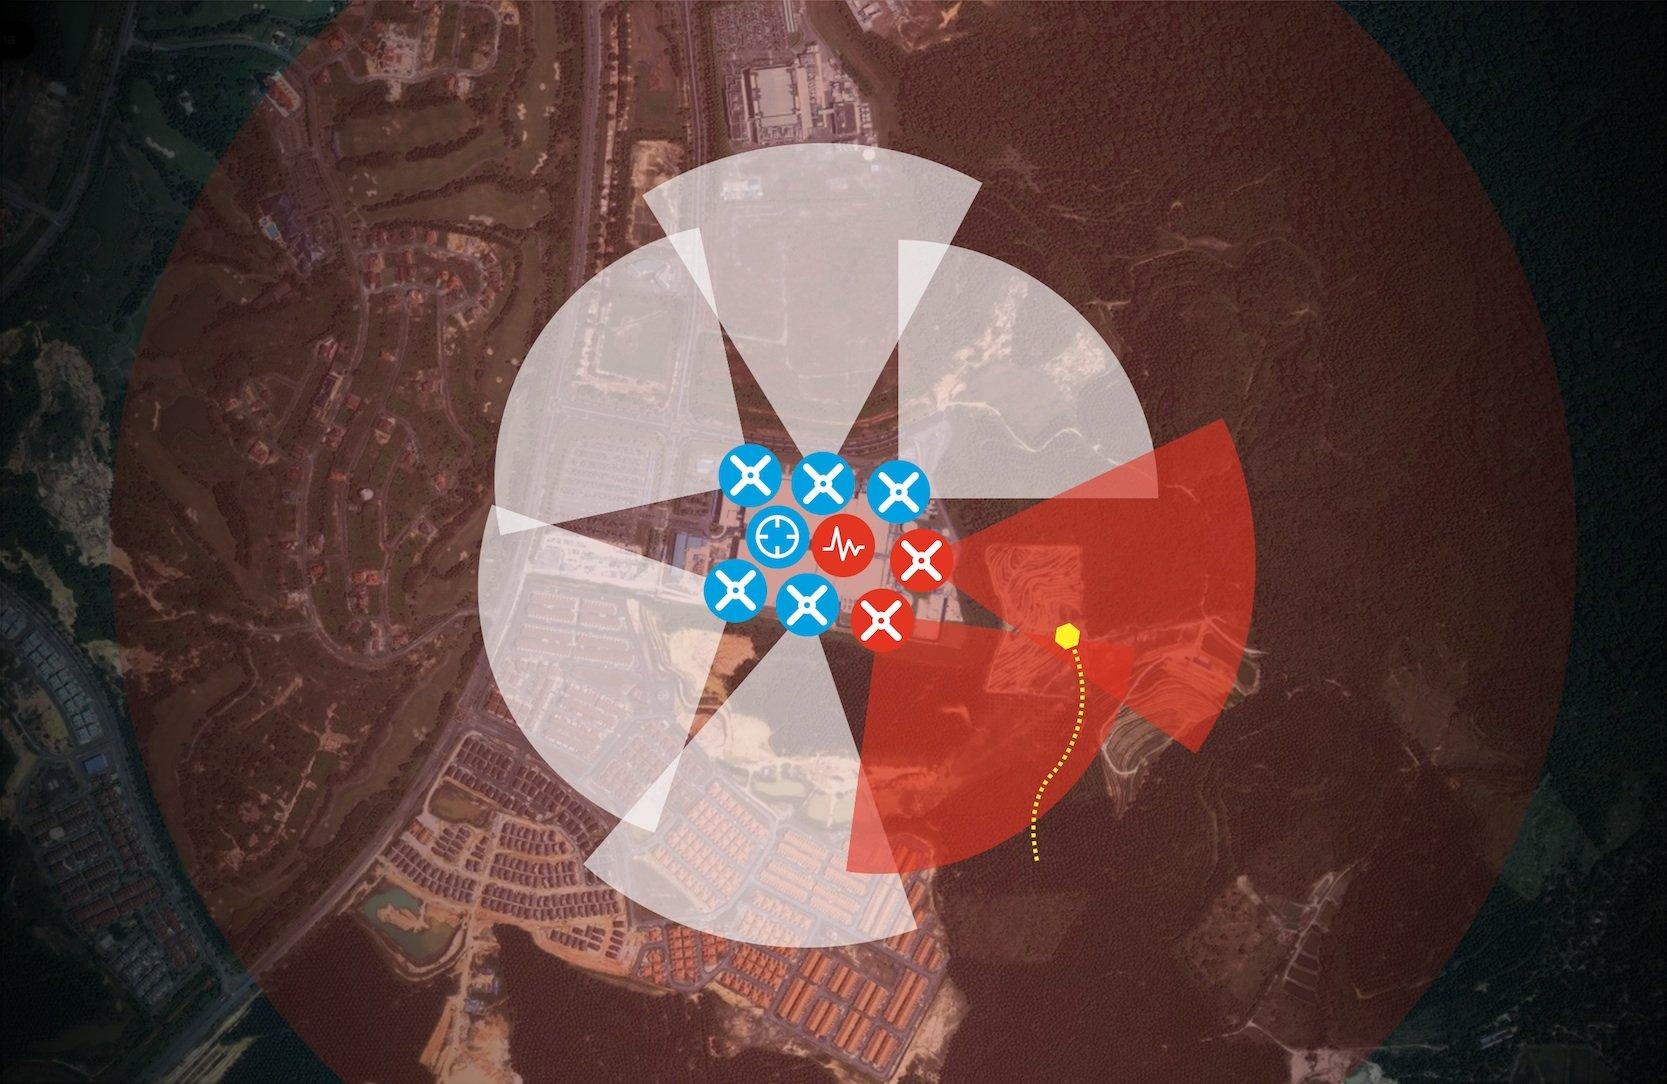 Moderne Drohnenabwehrsysteme wie dieses von Dedrone können Drohnen auf große Distanzen orten und auch den Standort des Piloten ausfindig machen. Zugleich bieten sie die Möglichkeit, die Steuerung der Drohne zu übernehmen.